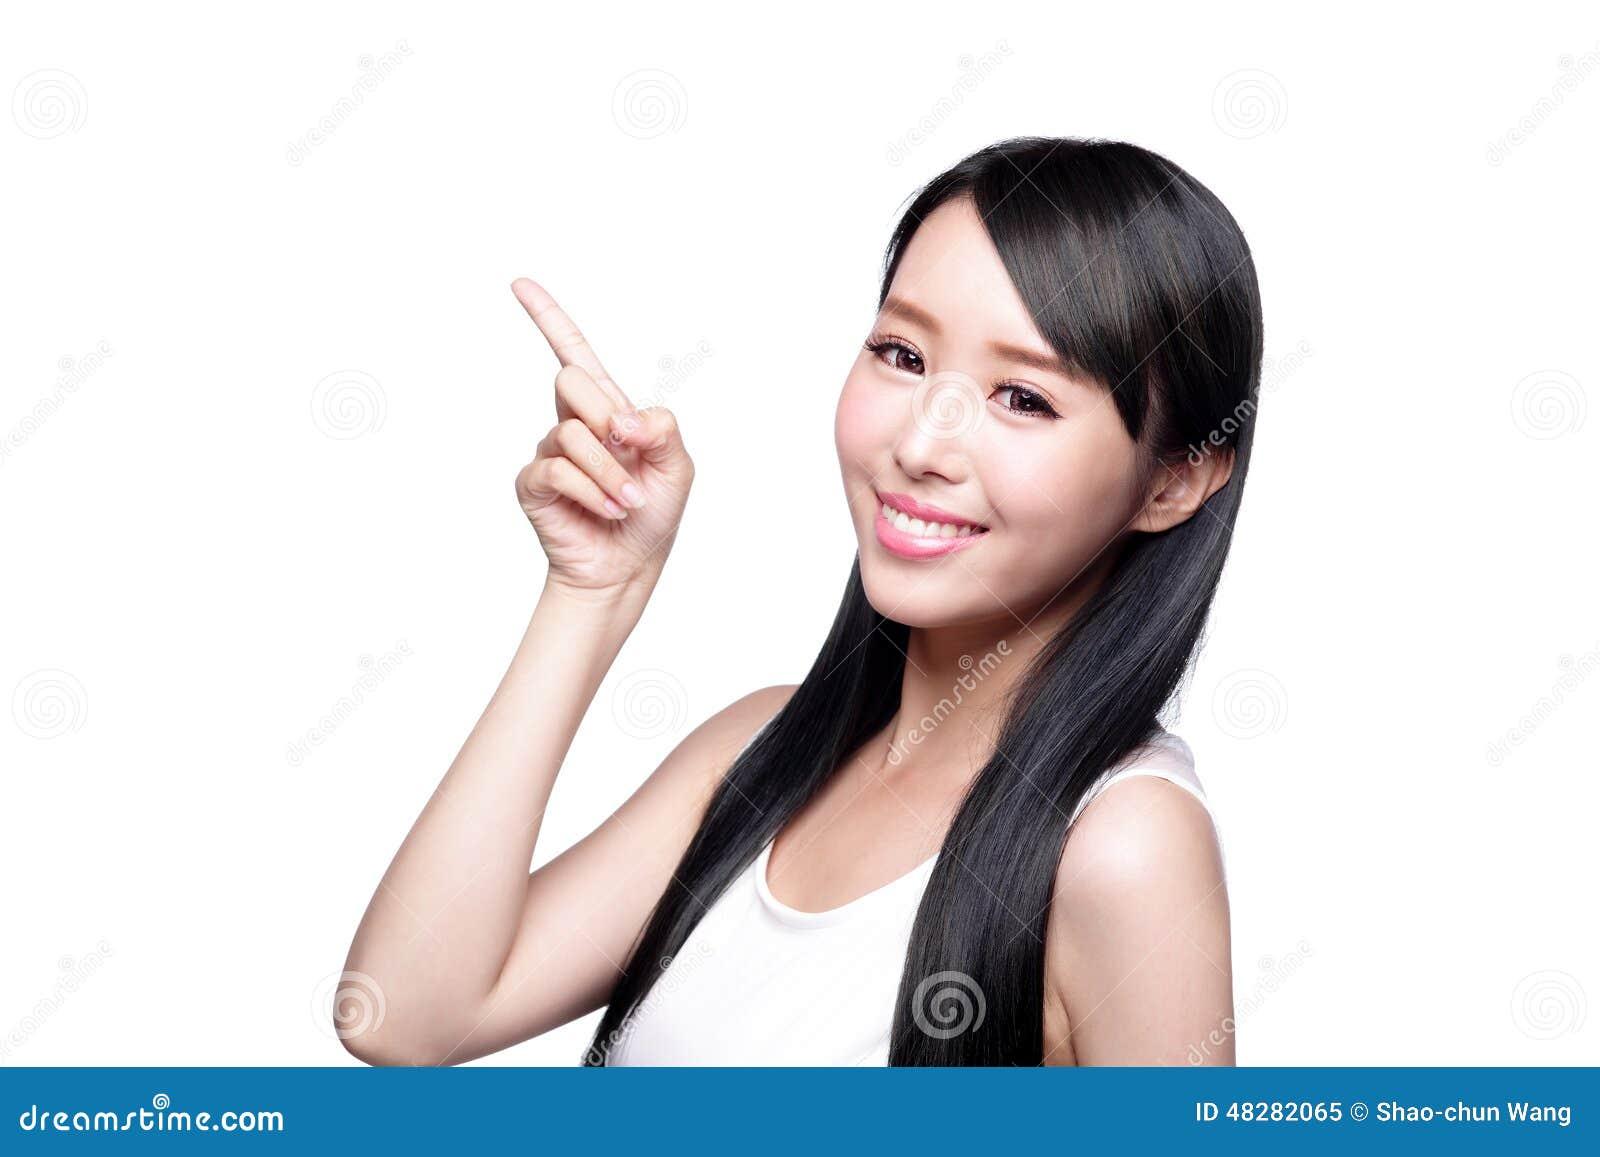 Asian care hair